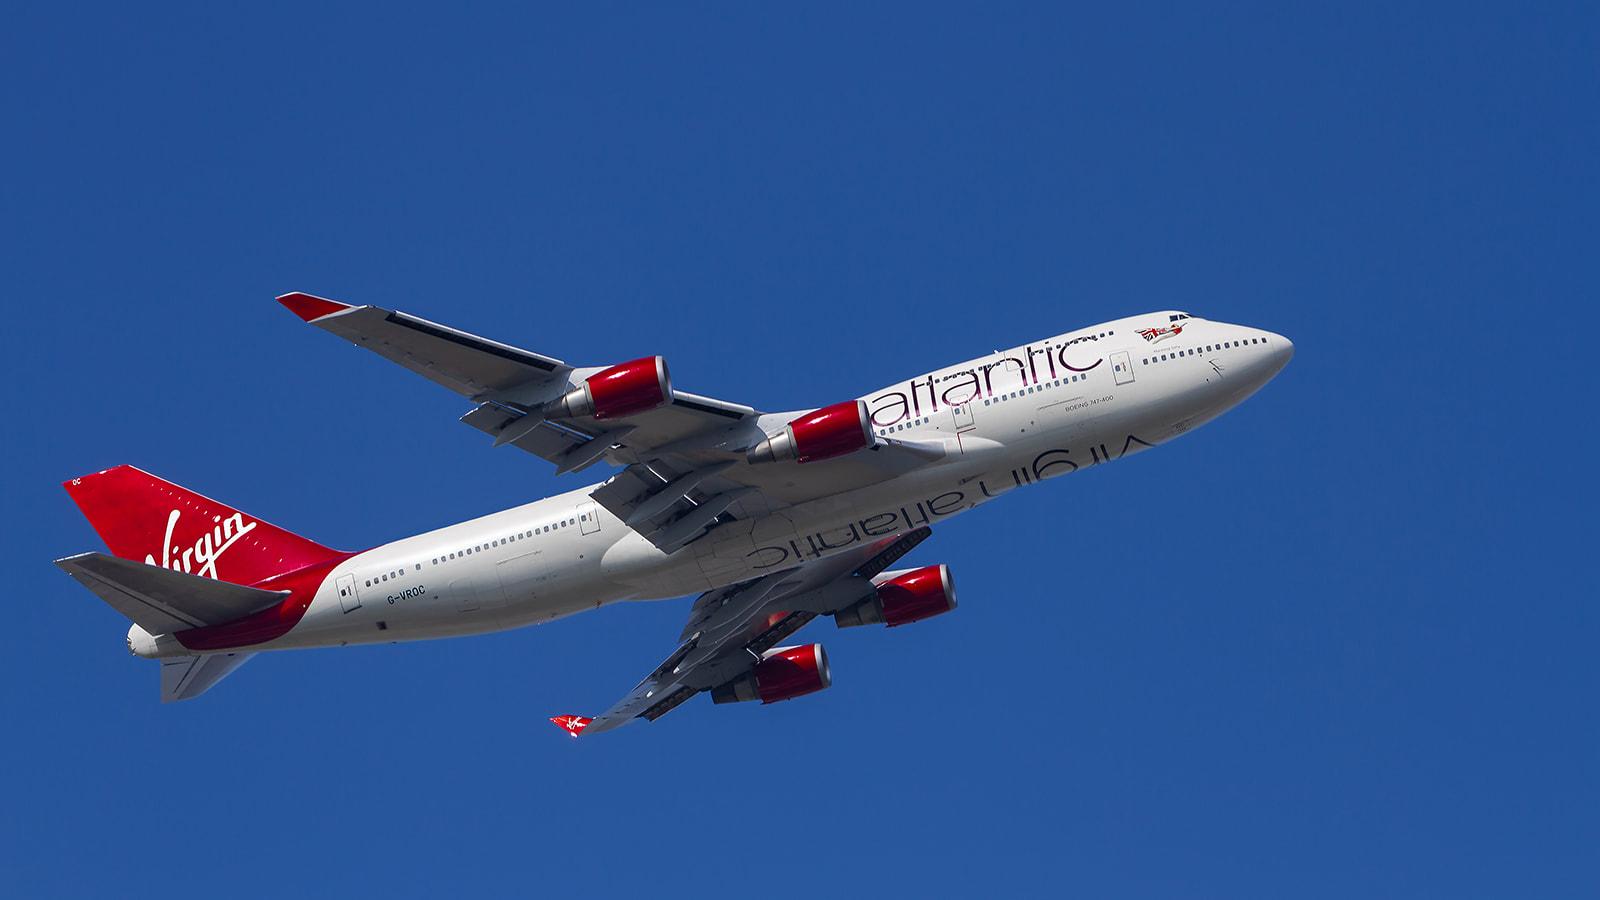 ما هي الإجراءات التي تتخذها شركات الطيران لضمان سلامة المسافرين خلال ذروة السفر الصيفي؟